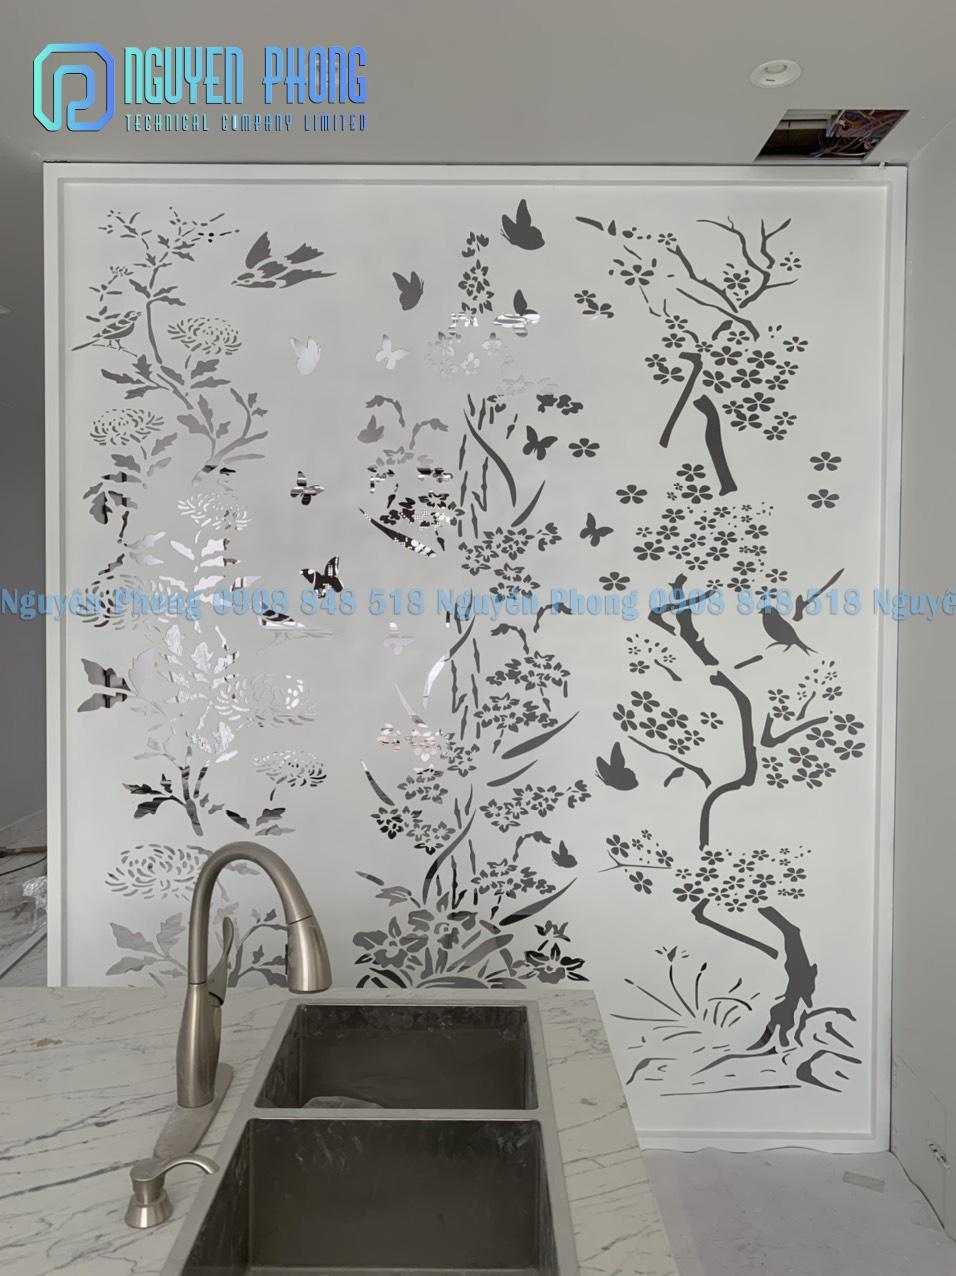 Thiết kế, gia công khung cửa sổ sắt uốn mỹ thuật cổ phù hợp với kiến trúc hiện đại lẫn cổ điển